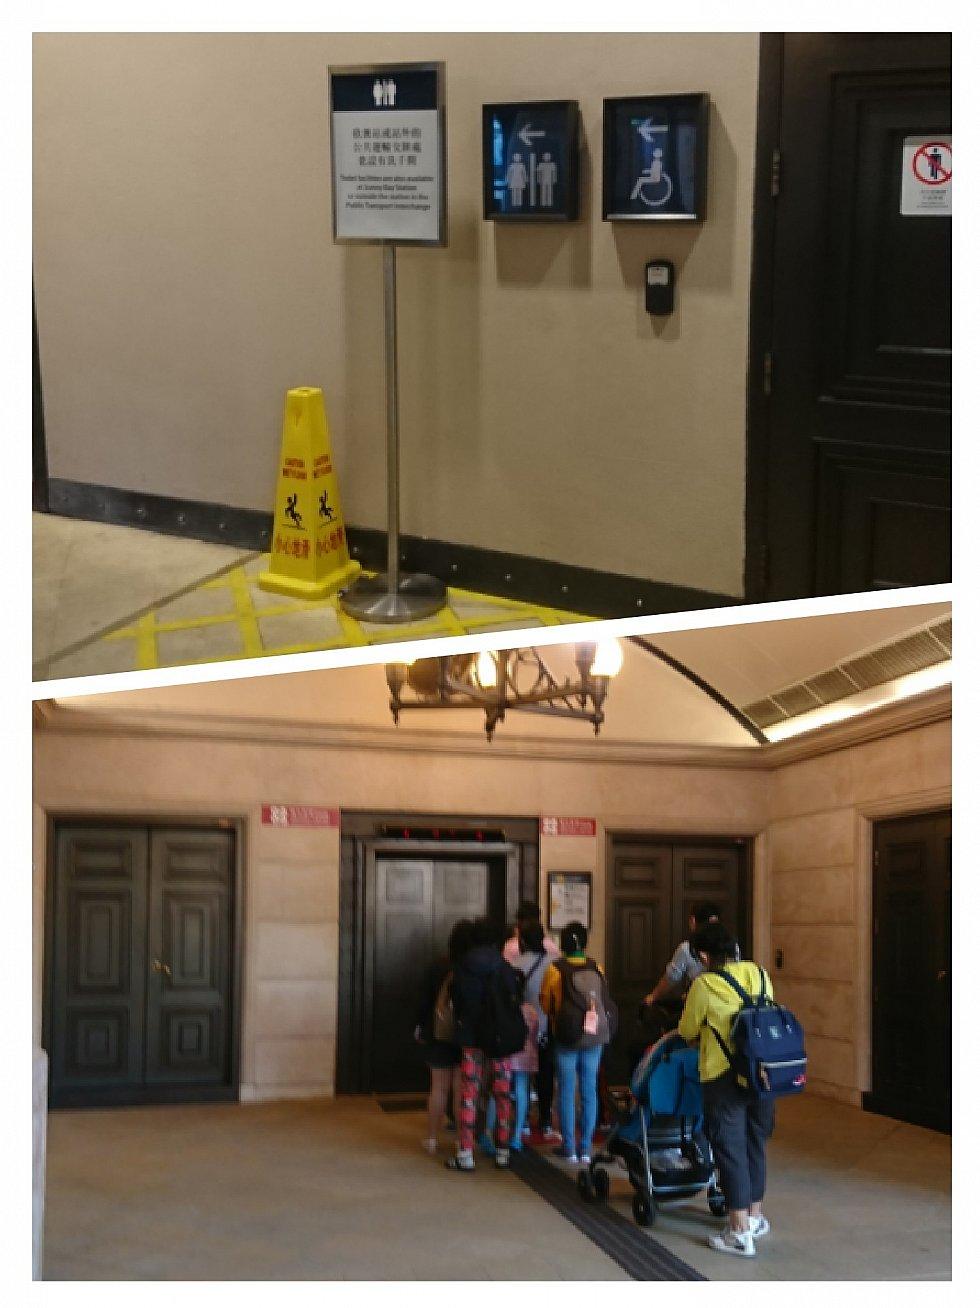 ホームのサニーベイ方面に、トイレやエレベーターがあります。